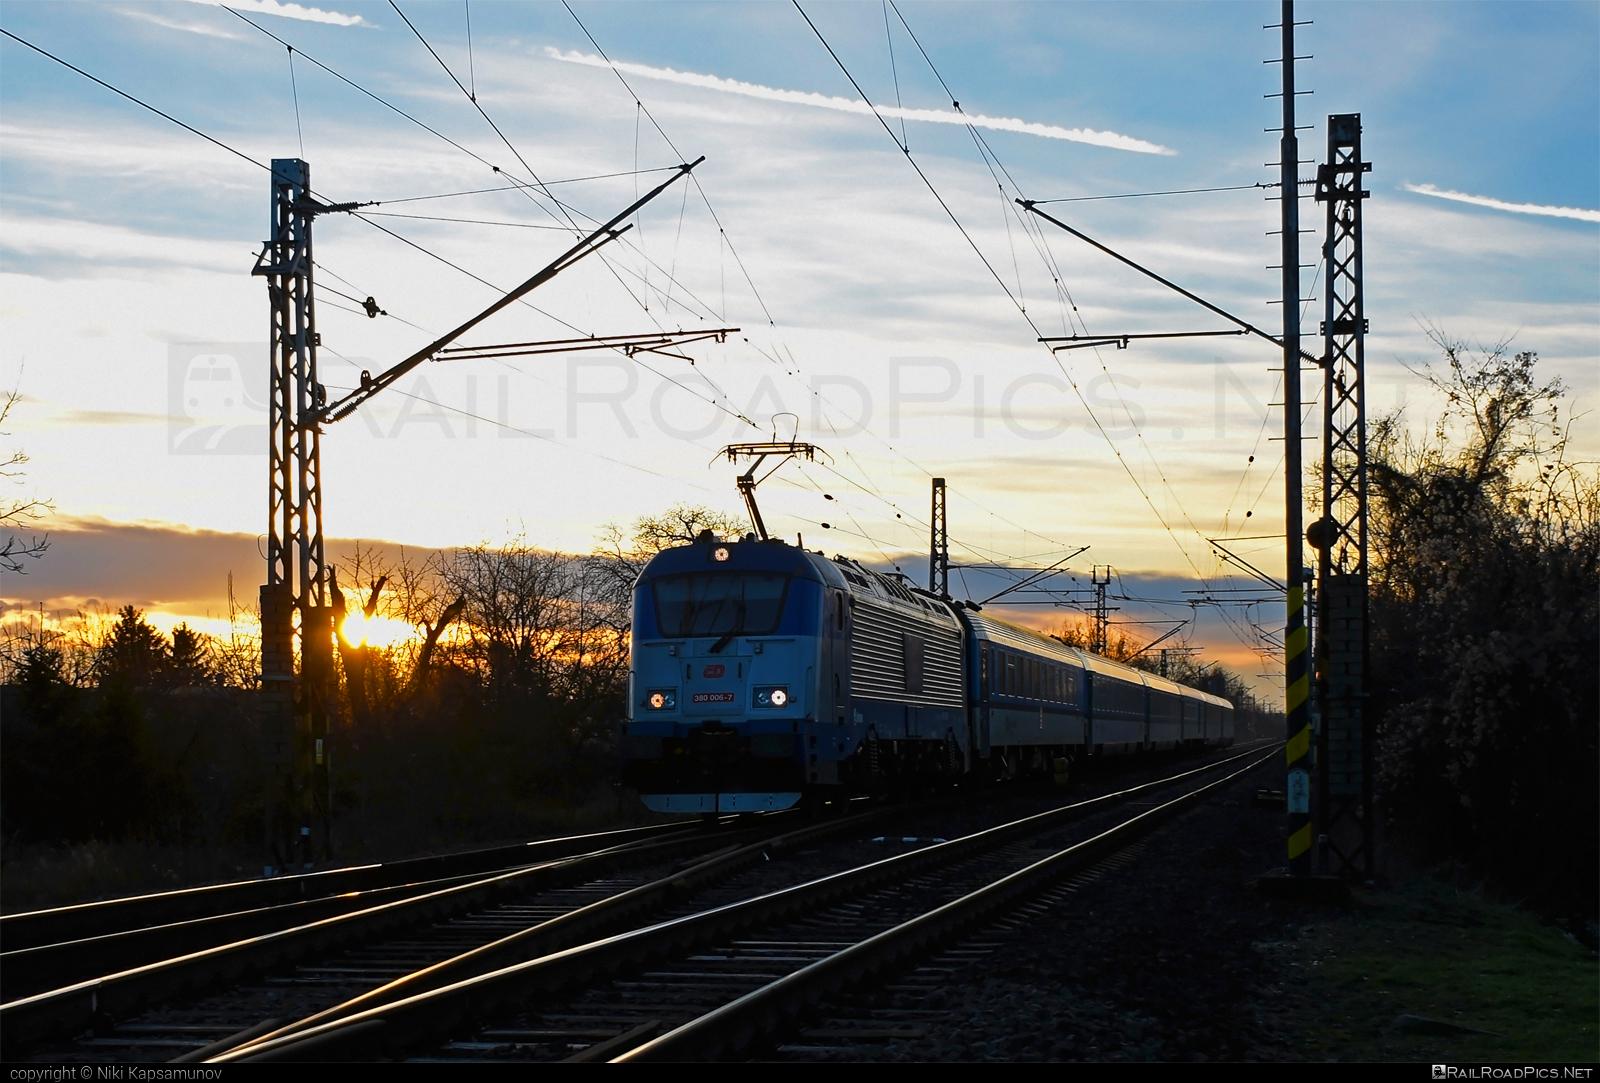 Škoda 109E0 Emil Zátopek - 380 006-7 operated by České dráhy, a.s. #ceskedrahy #emilzatopeklocomotive #locomotive380 #skoda #skoda109e #skoda109elocomotive